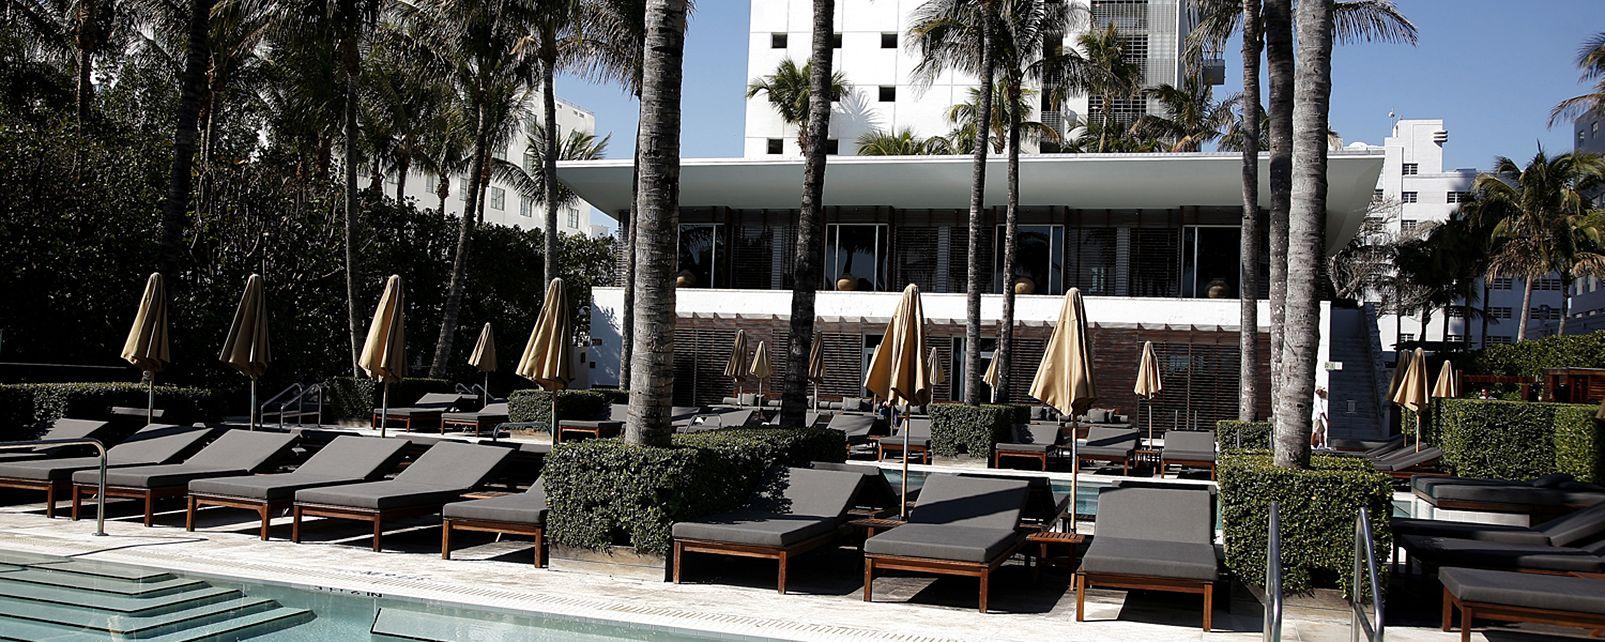 Hôtel The Setai South Beach